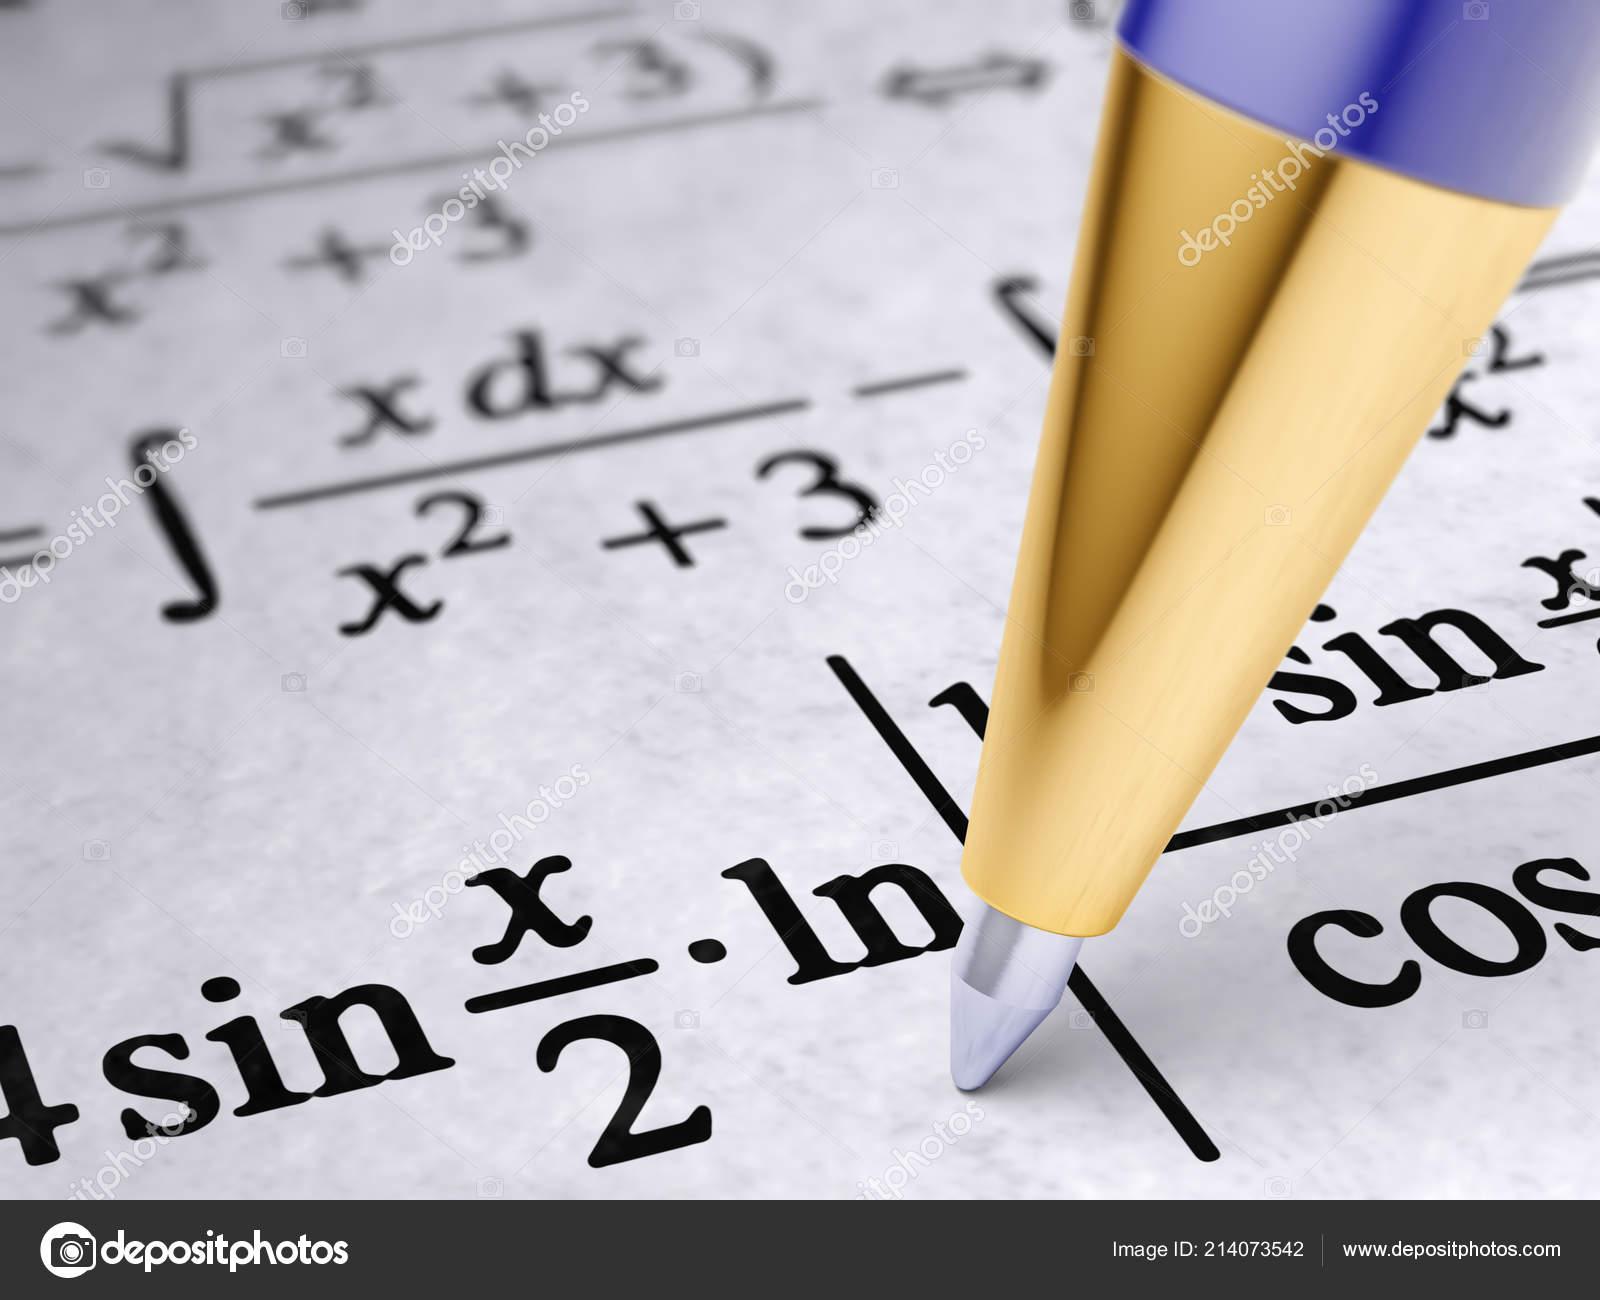 math papers 2018-9-29 this is a list of important publications in mathematics, organized by field  included are galois' papers mémoire sur les conditions de résolubilité des équations par radicaux and des équations primitives qui sont solubles par radicaux.